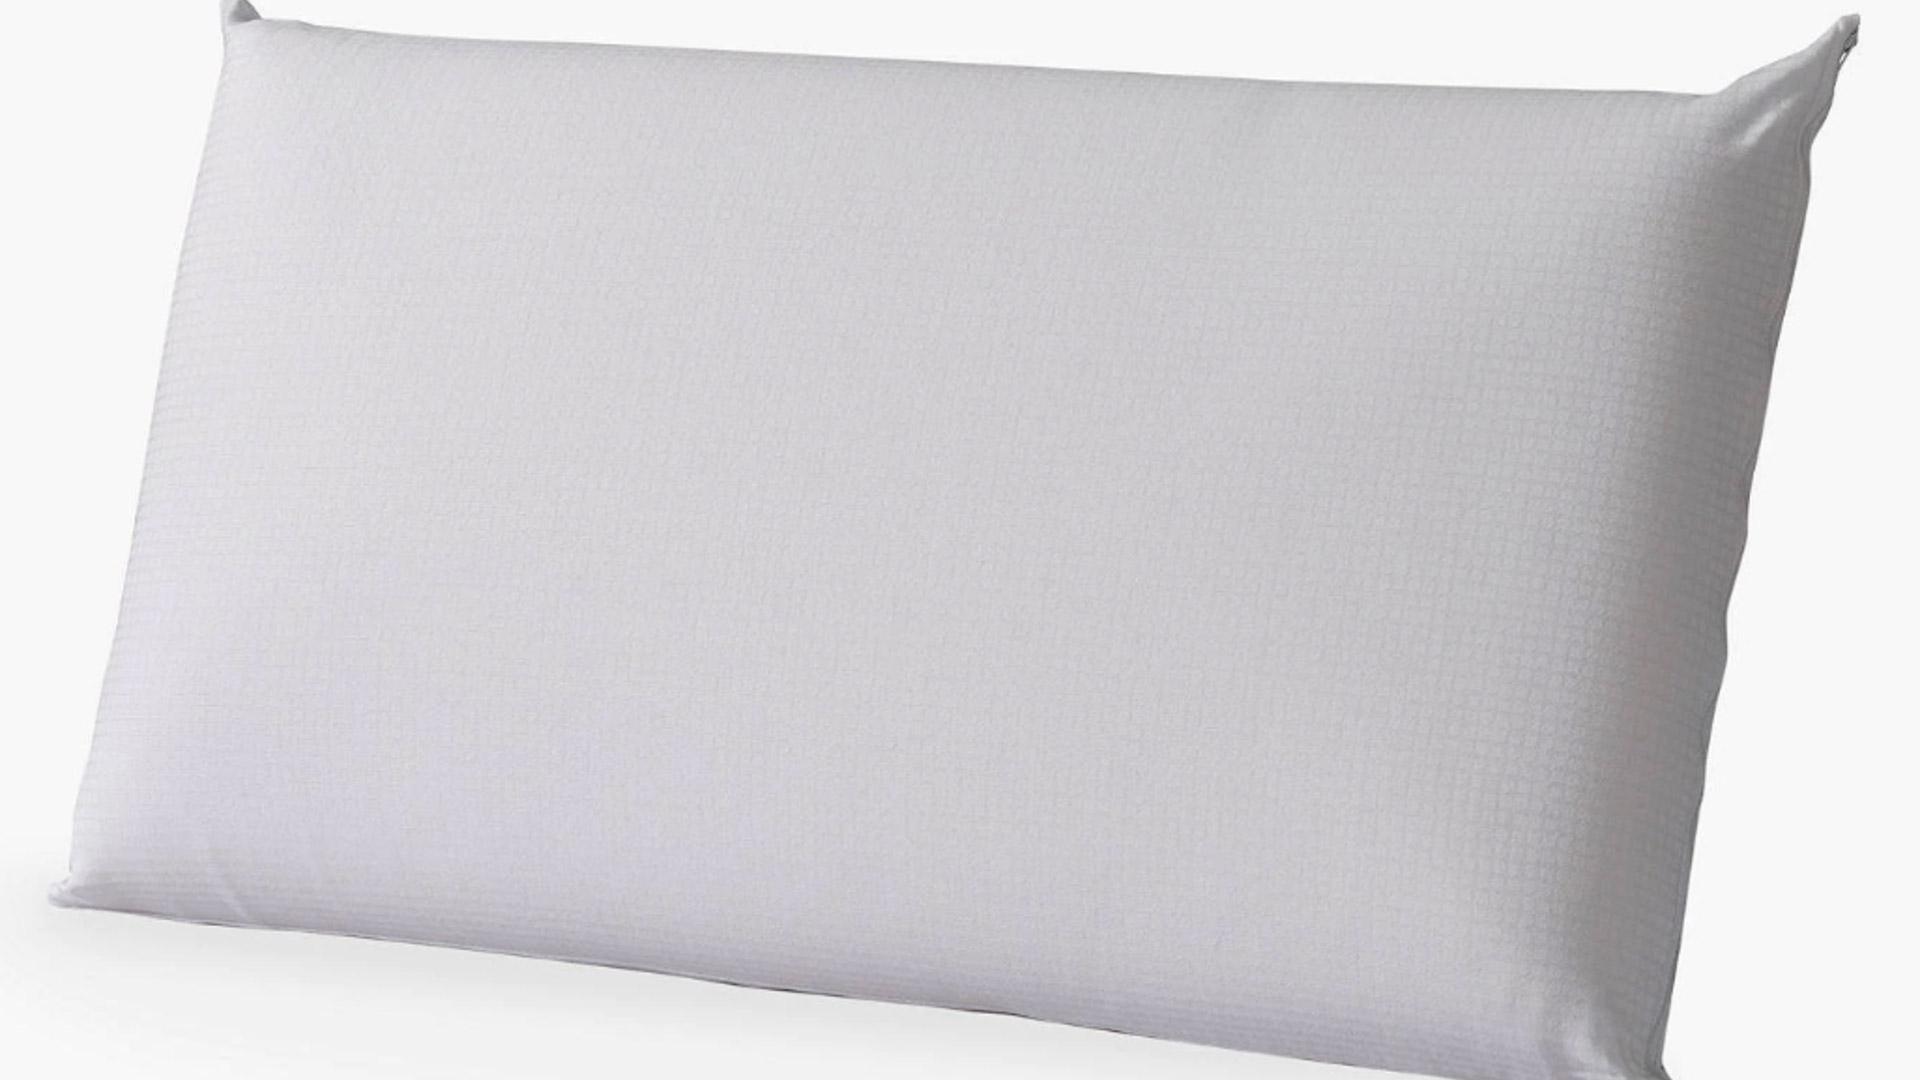 Best pillows 2020: memory foam, duck